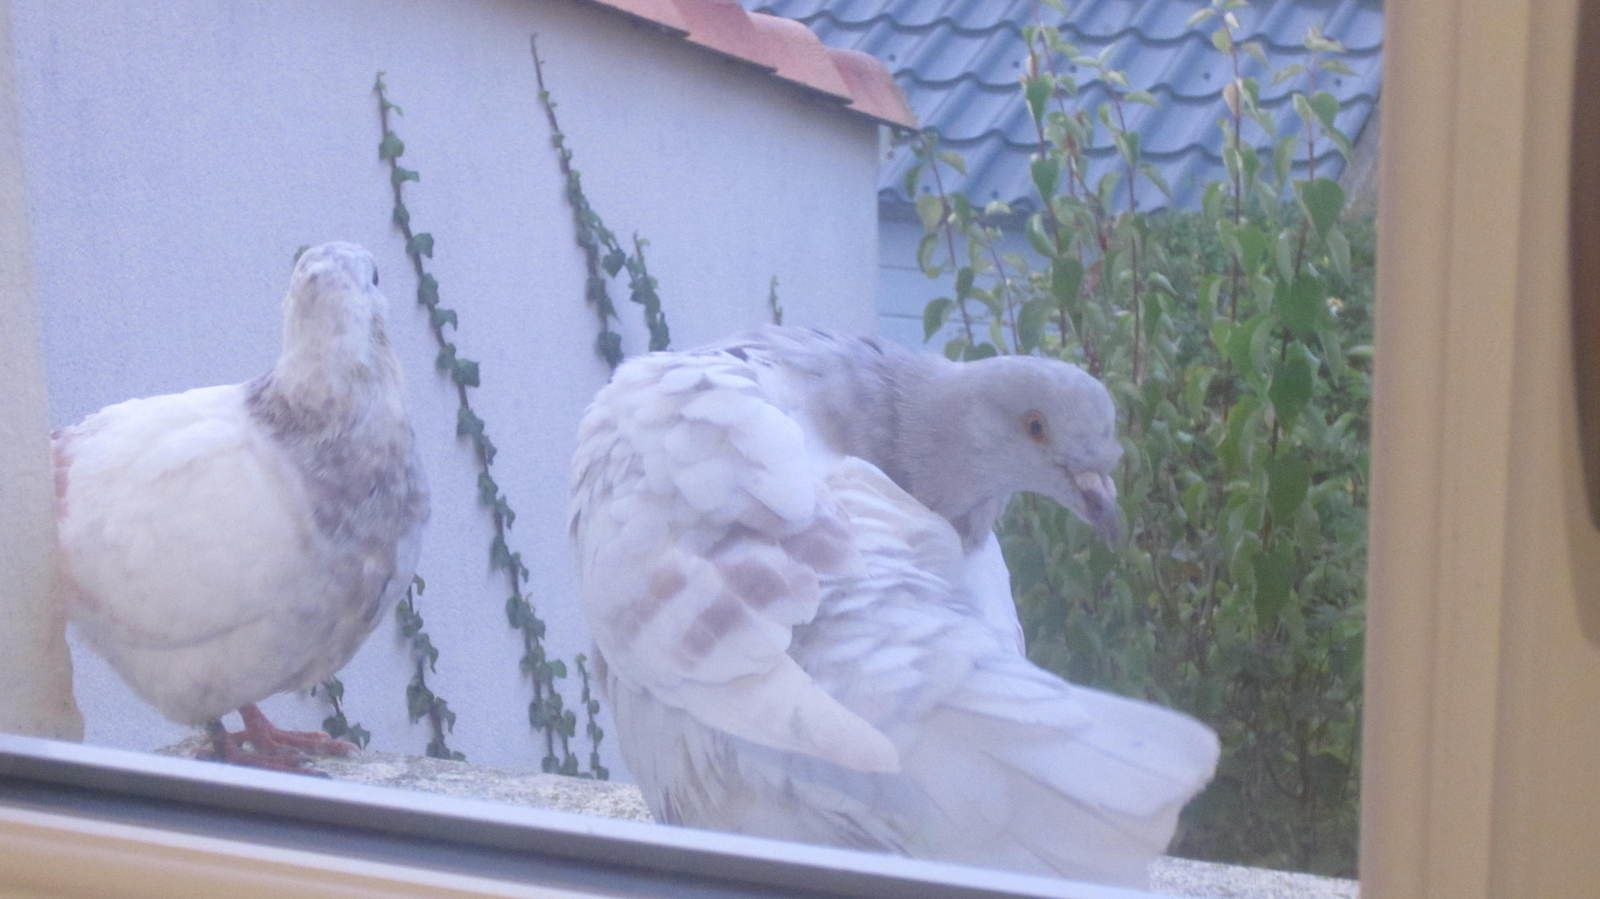 ah oui, n'oublions nos deux nouveaux locataires, ils sont là depuis une semaine, tous les soirs sur le rebord de fenêtre à Zélia, ils laissent une taxe (chiures) chaque jour à voir s'ils continuent leur séjour la semaine prochaine